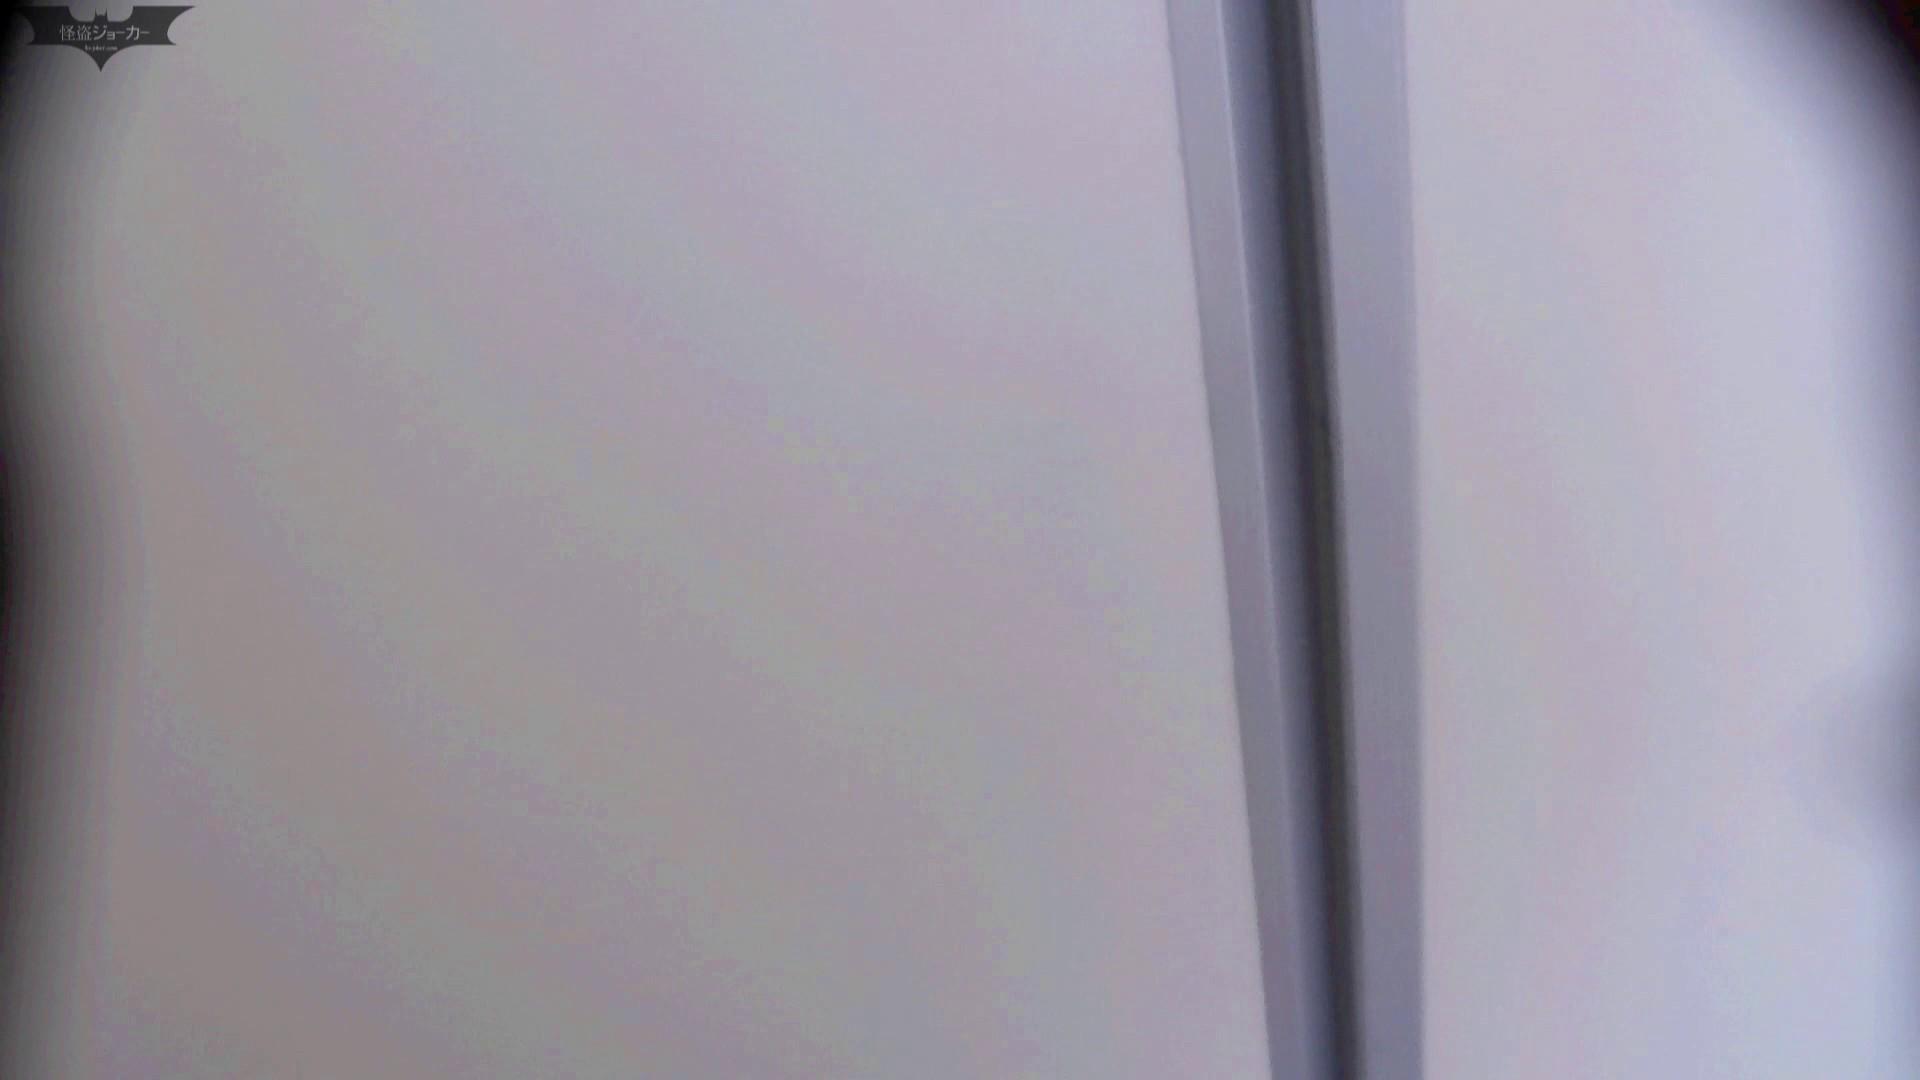 お銀 vol.68 無謀に通路に飛び出て一番明るいフロント撮り実現、見所満載 OLのボディ  70PIX 48